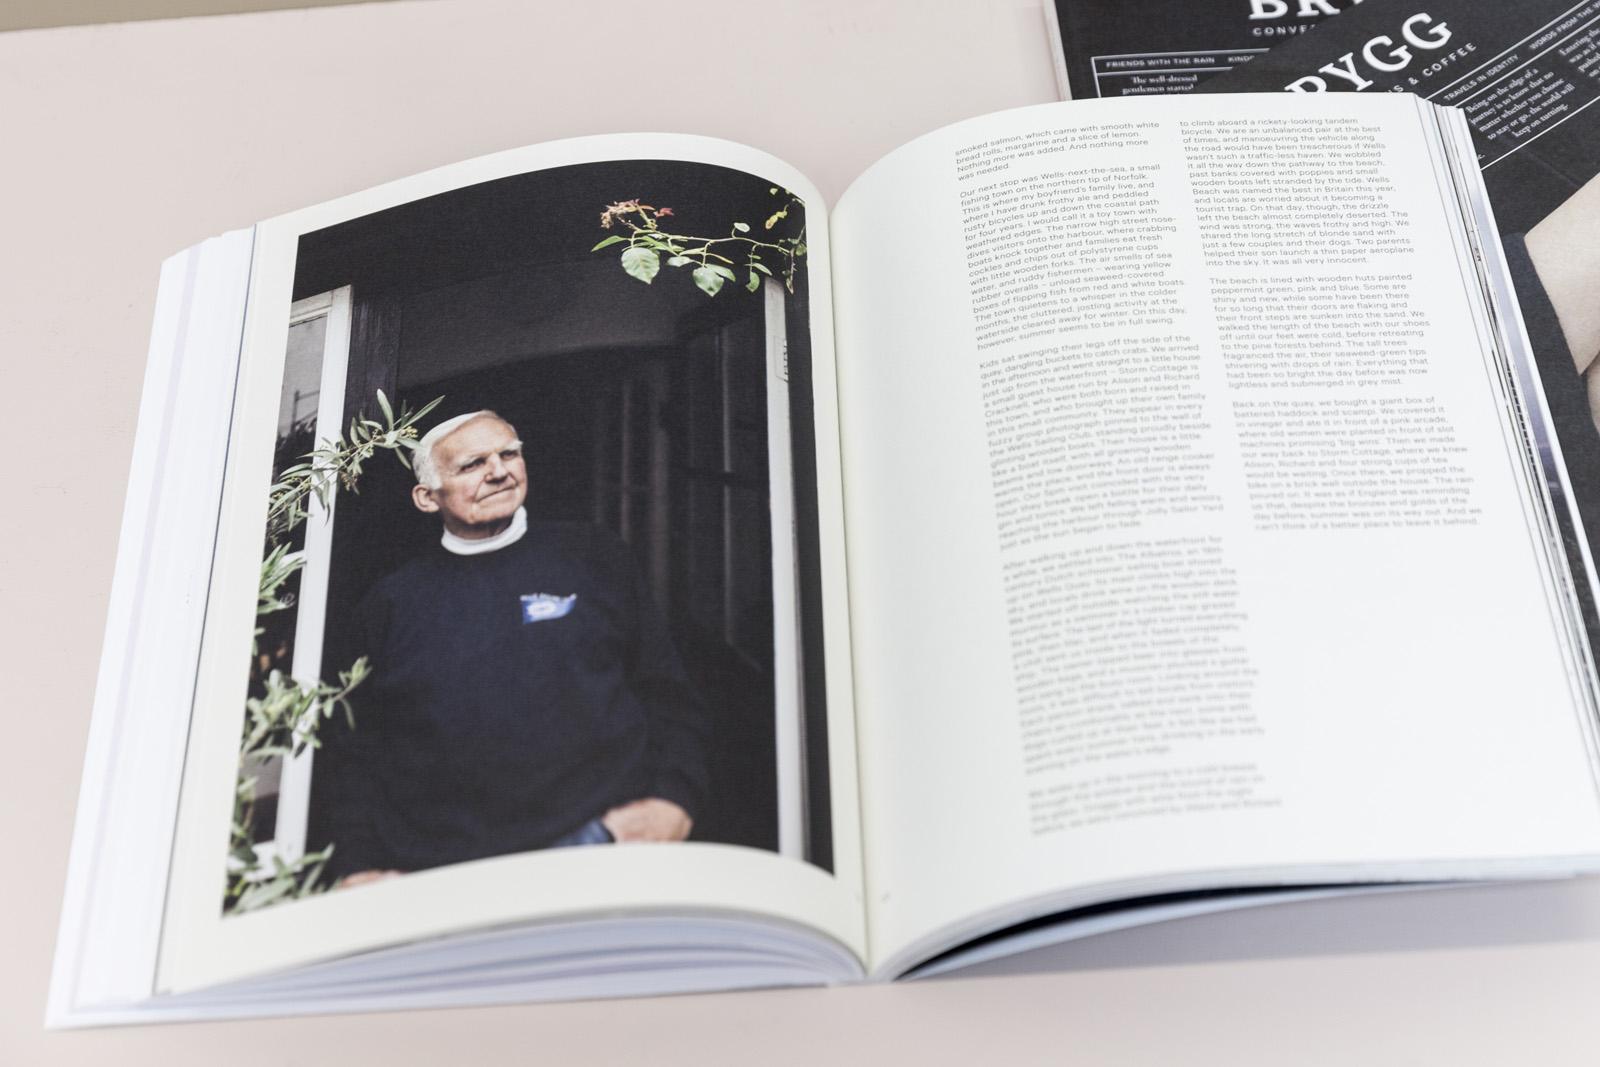 BryggMagazine#9